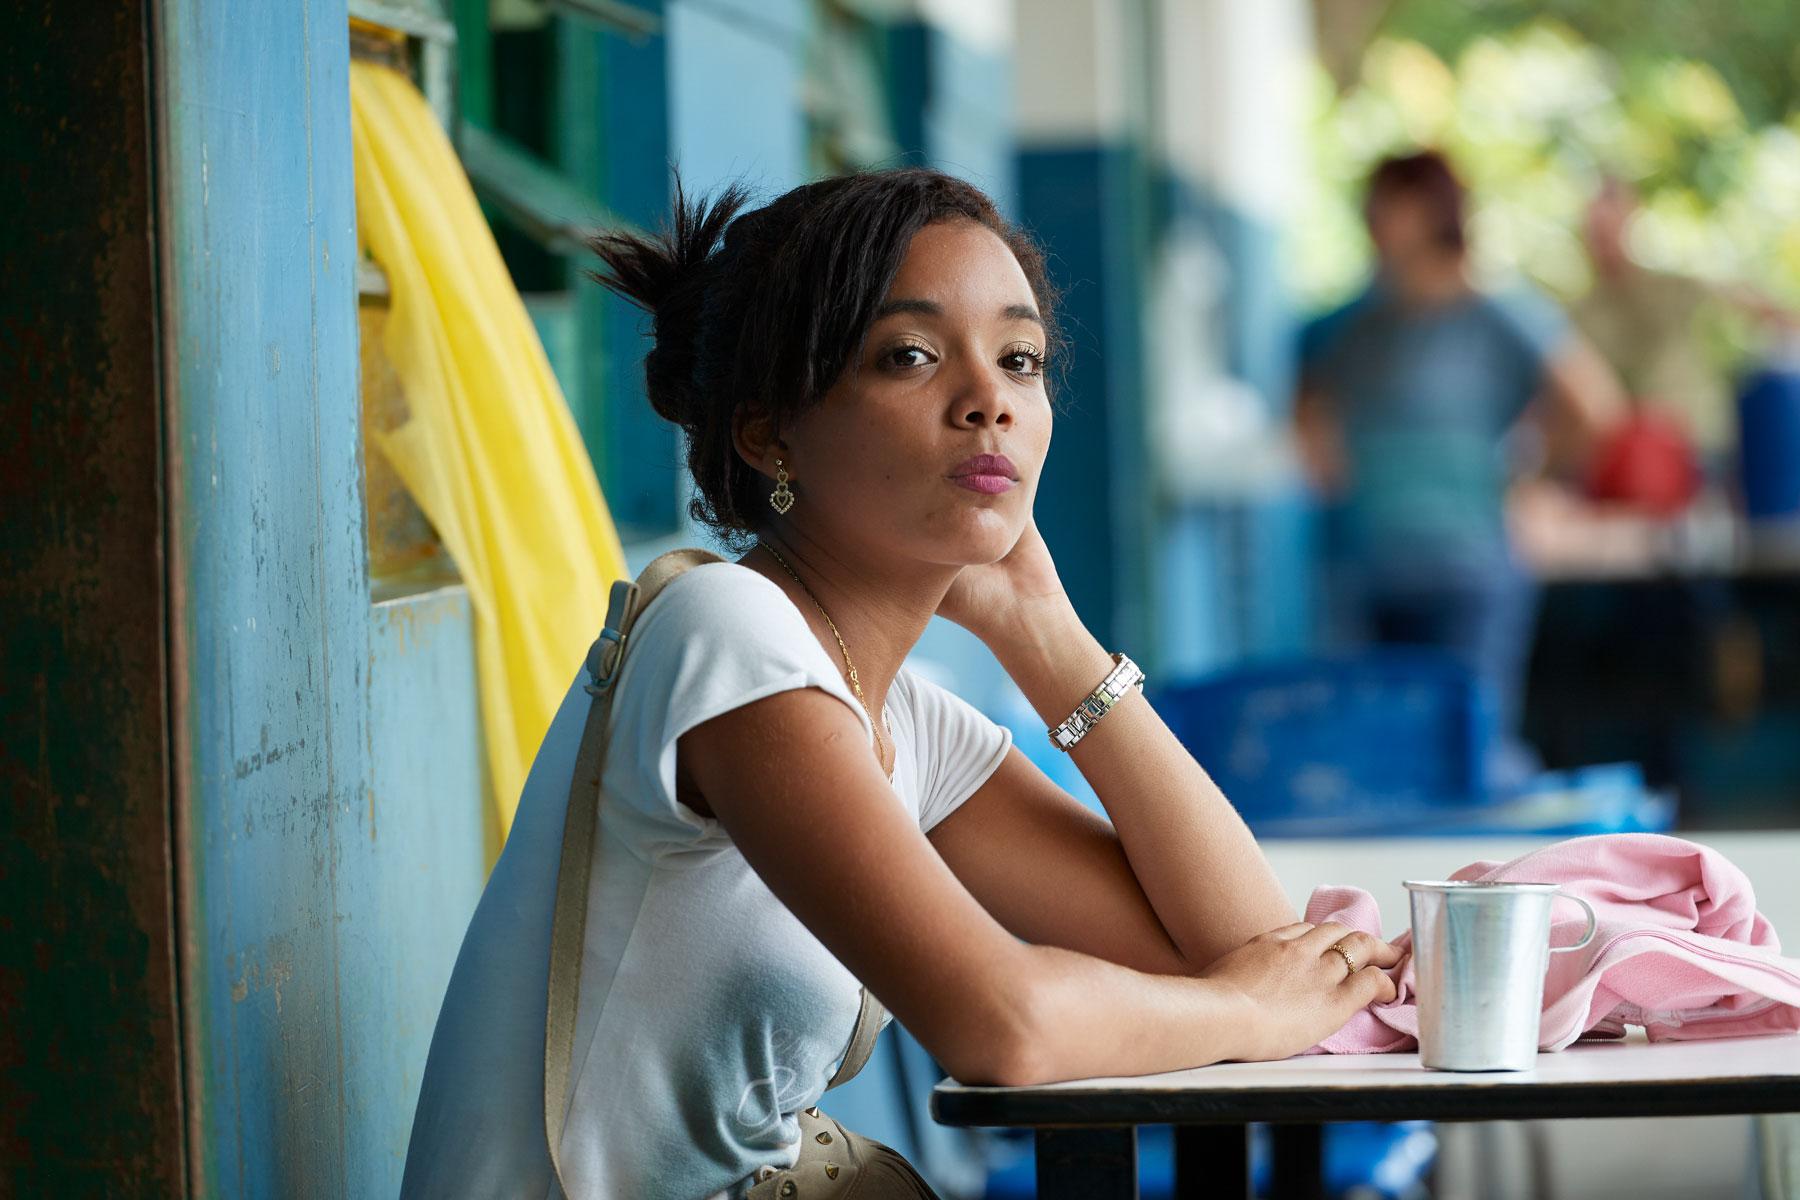 Portrait einer jungen schönen Brasilianerin, die entspannt in die Ferne schaut